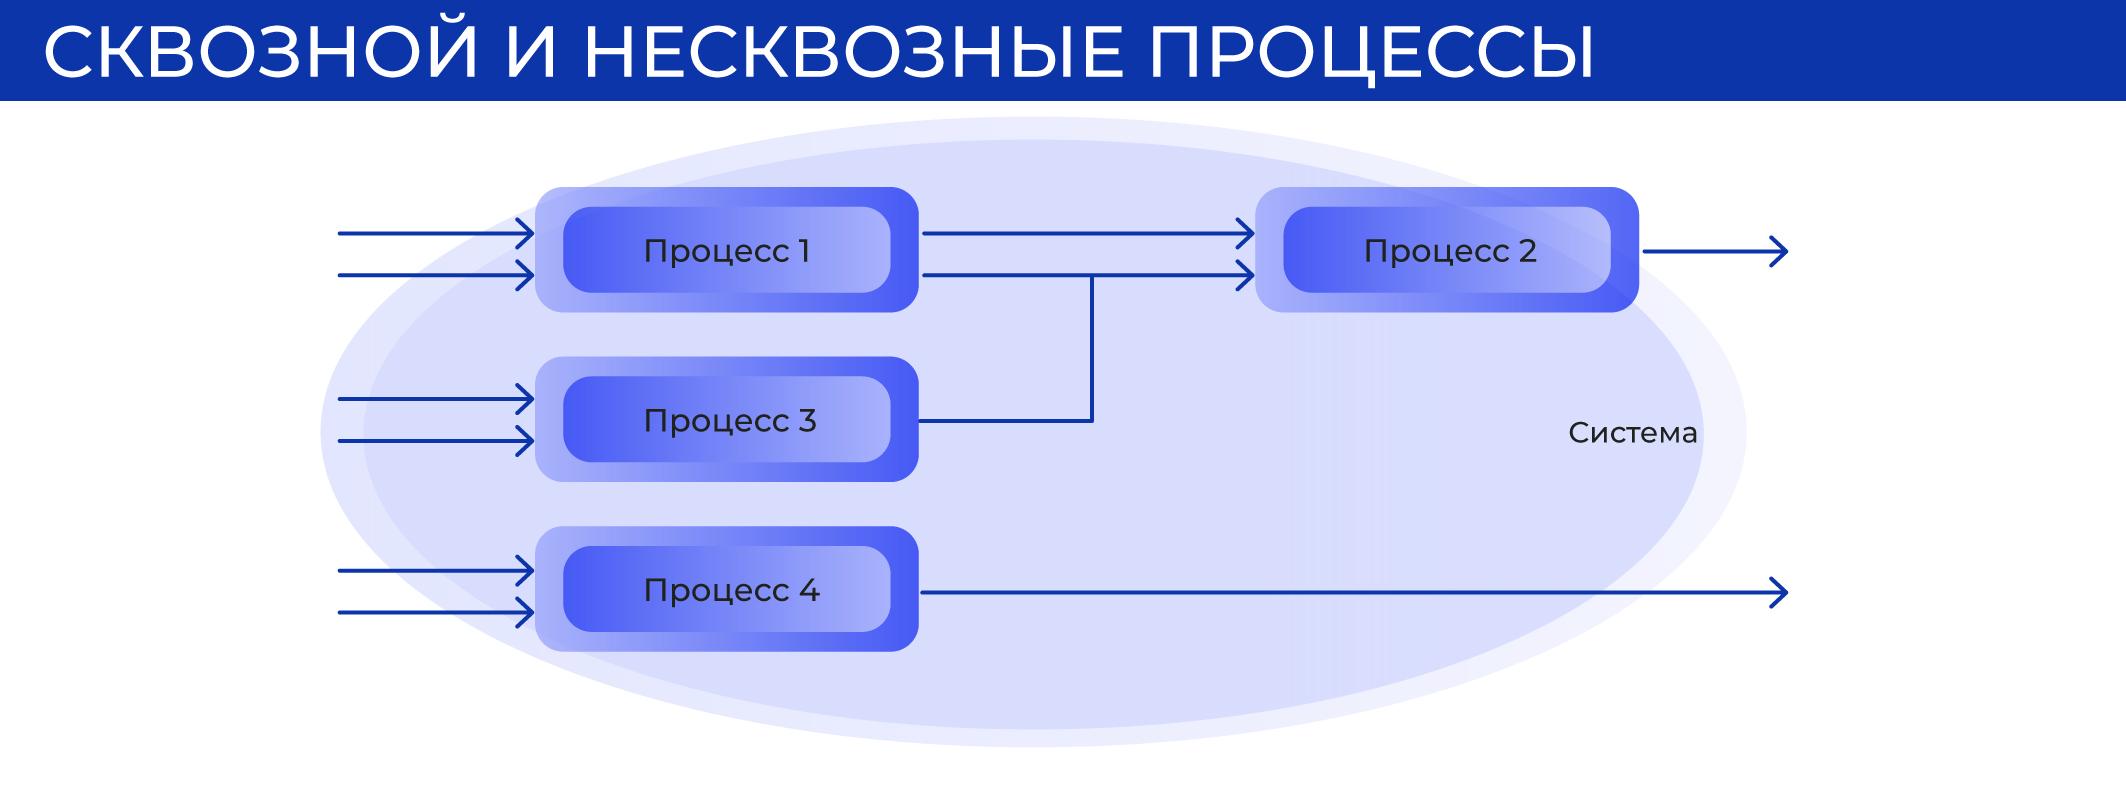 Сквозной и несквозной процессы.jpg